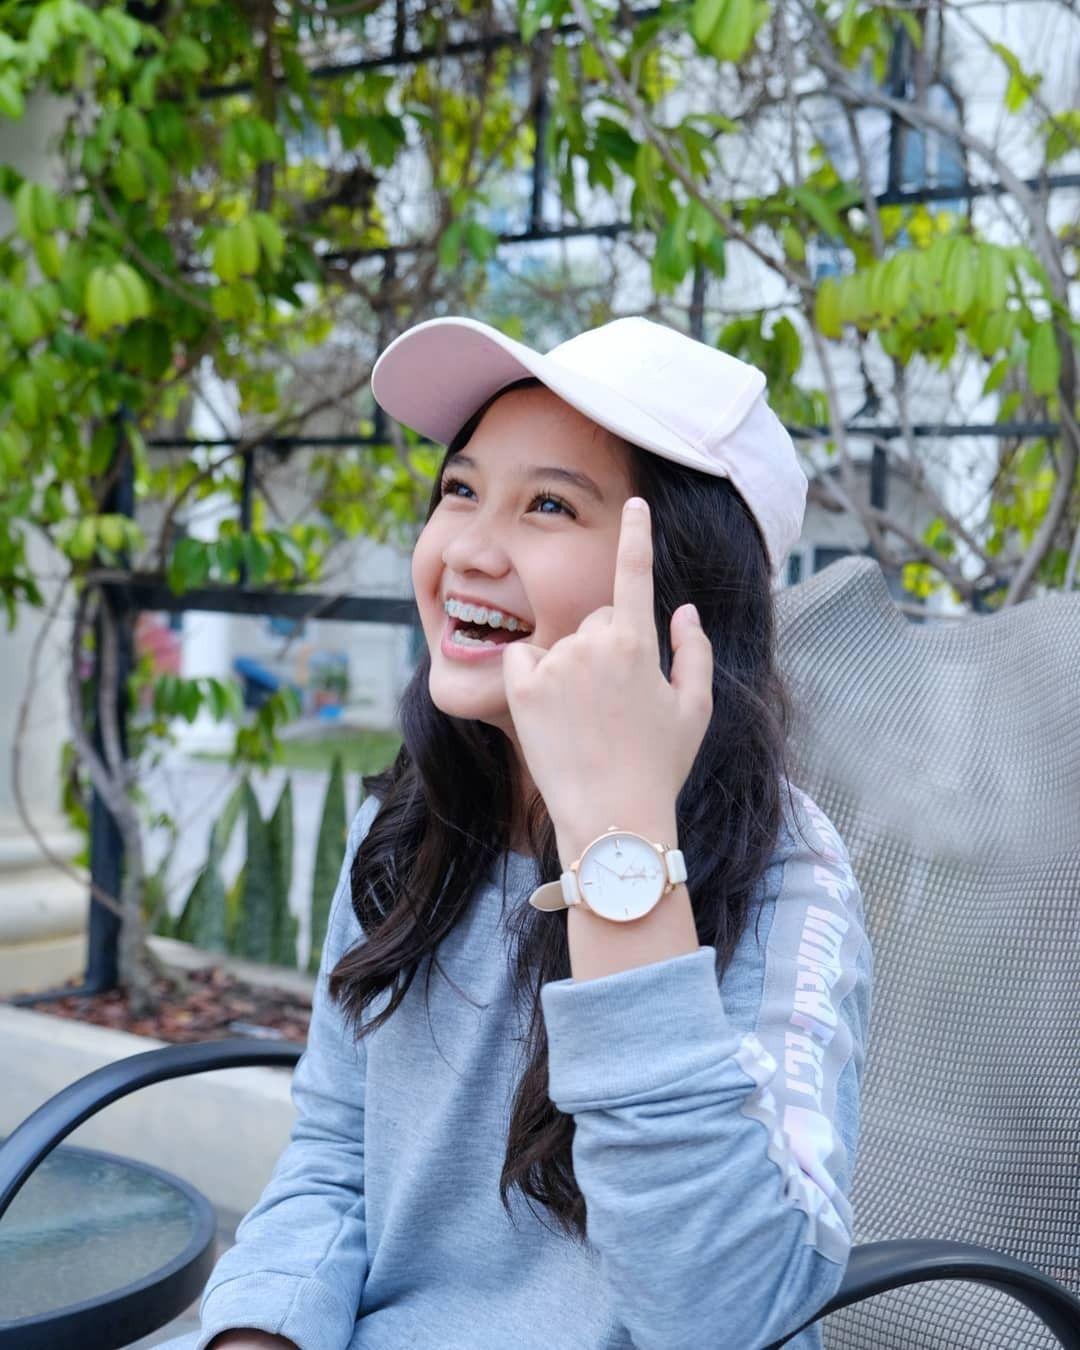 Pin Oleh Ubai Bekasi Di Naisa Alifia Yuriza Pejuang Wanita Fotografi Model Anime Gadis Cantik